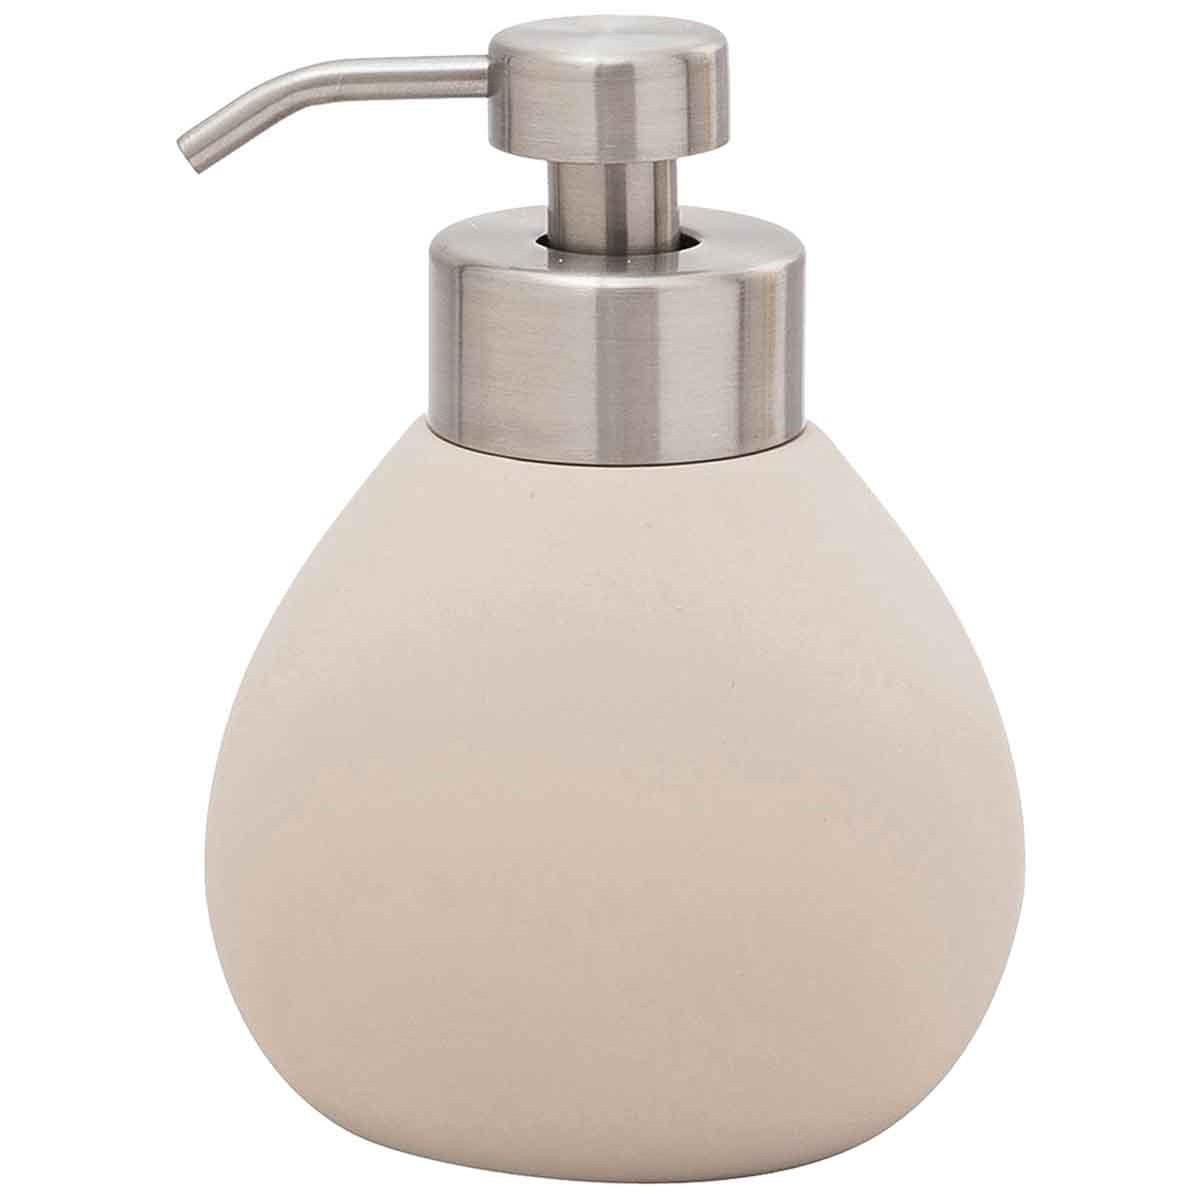 Distributeur de savon en céramique  Greige